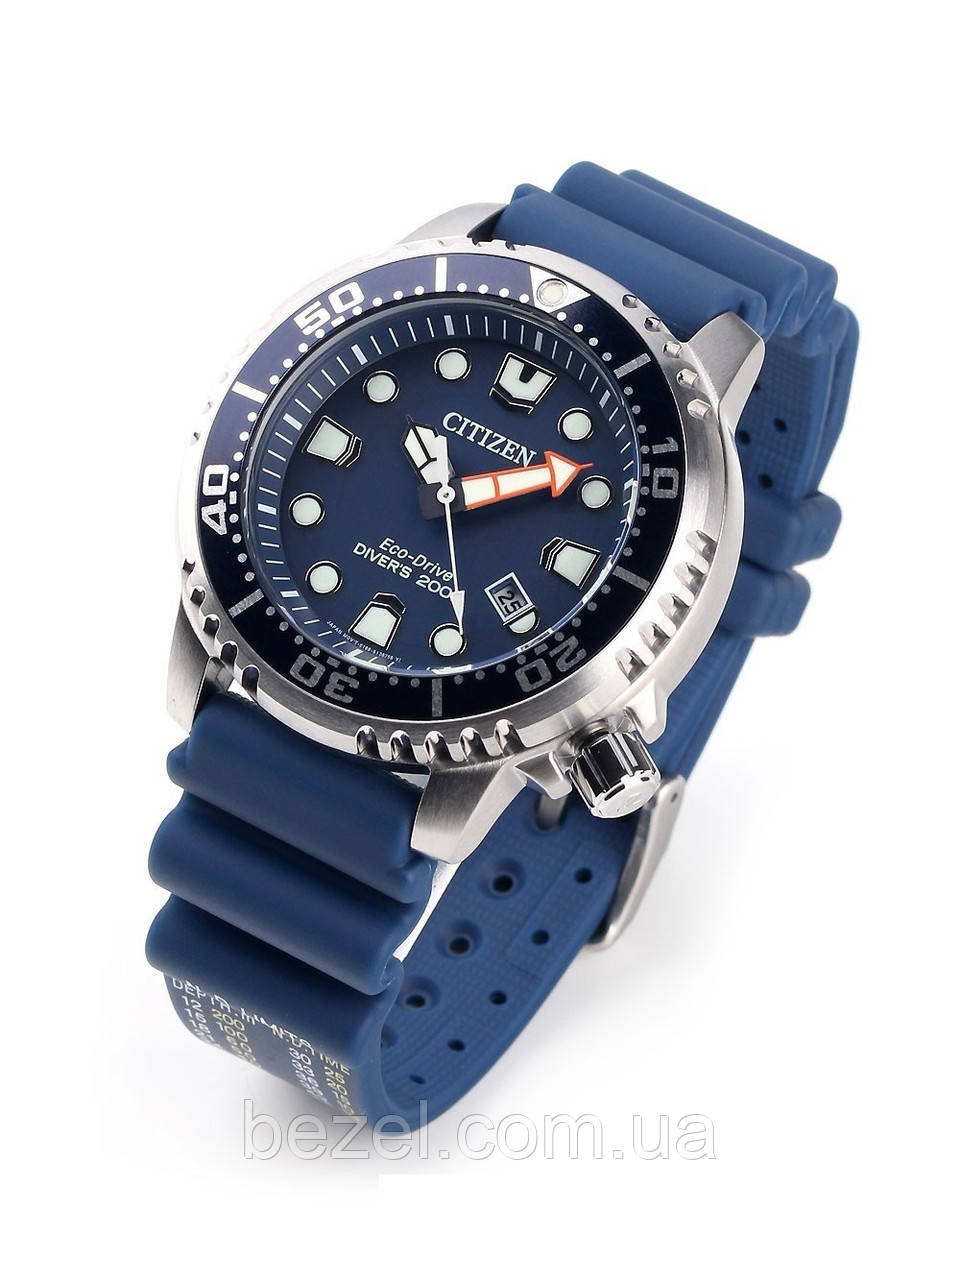 Мужские наручные часы citizen eco drive часы наручные мужские серебро